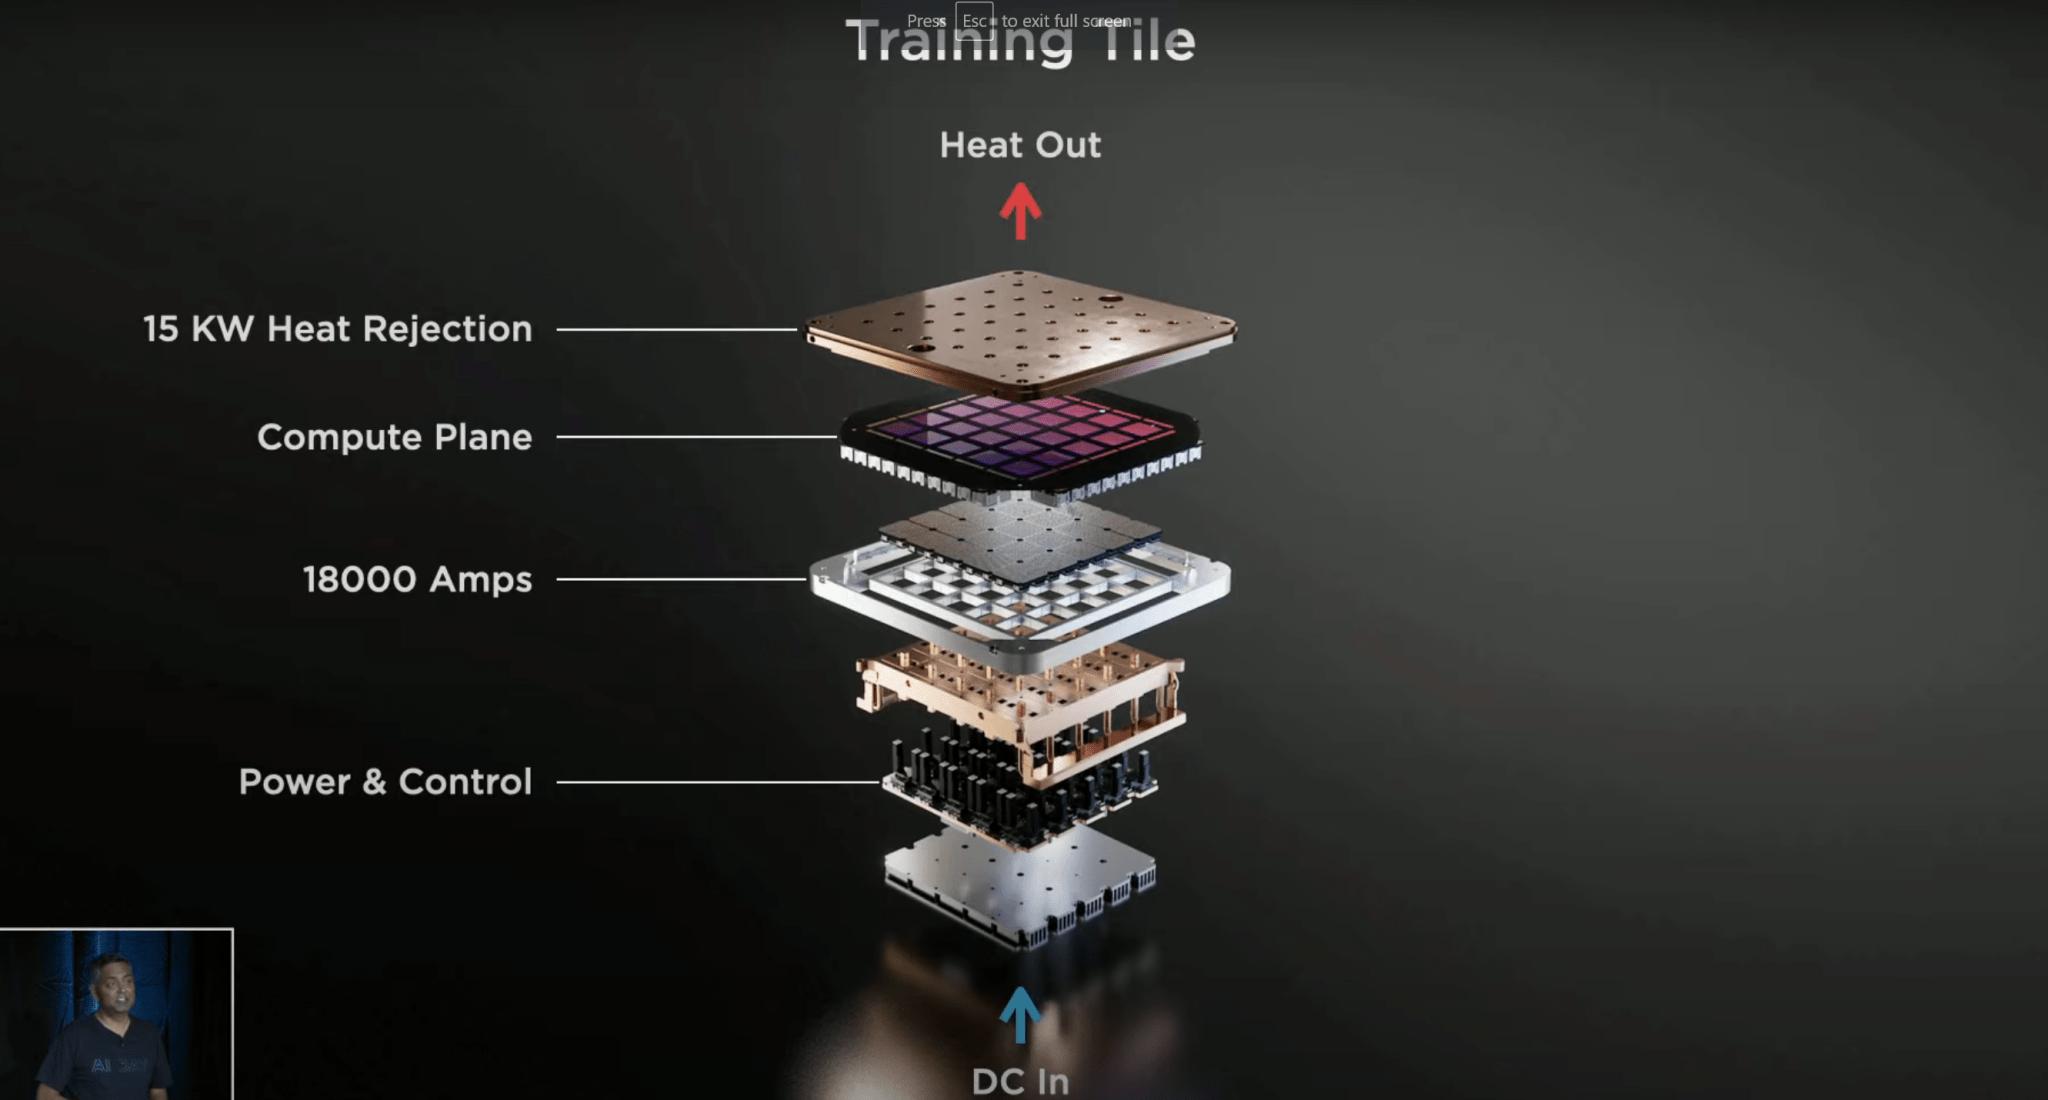 トレーニングタイルの構成。タイル全体では15KWの電力を消費している。via Tesla.